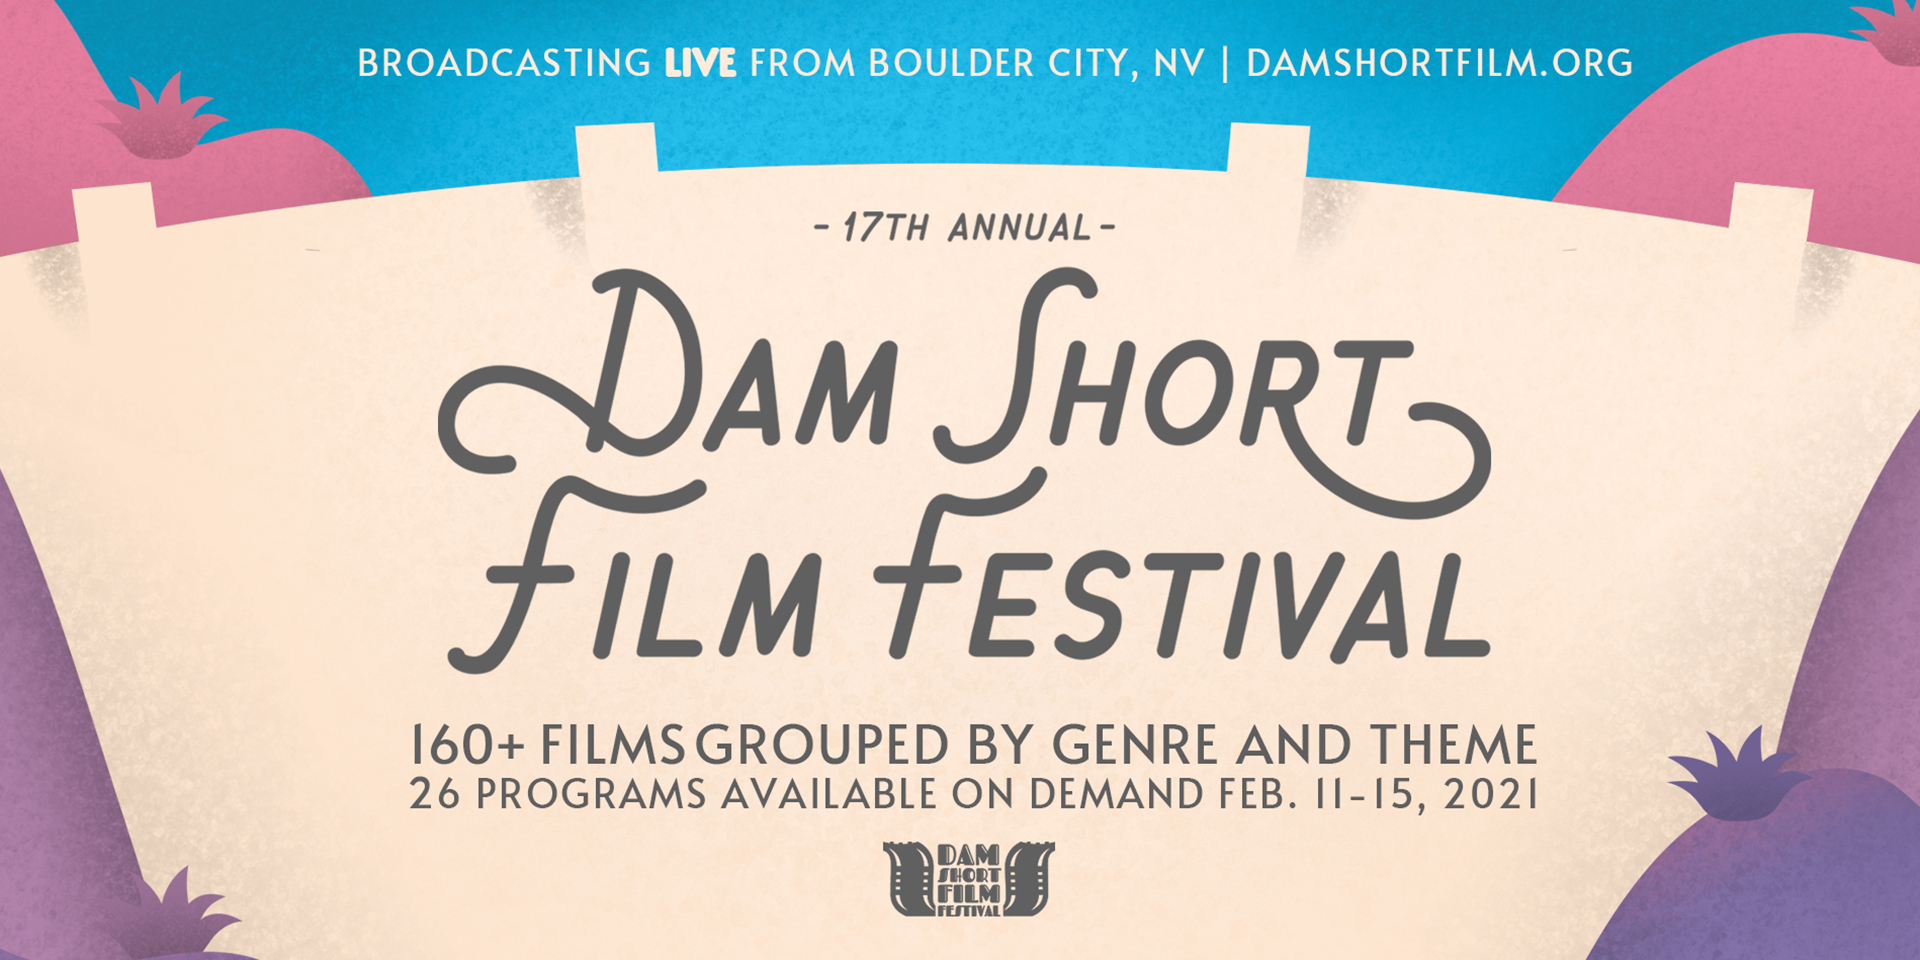 2021 DAM SHORT FILM FESTIVAL